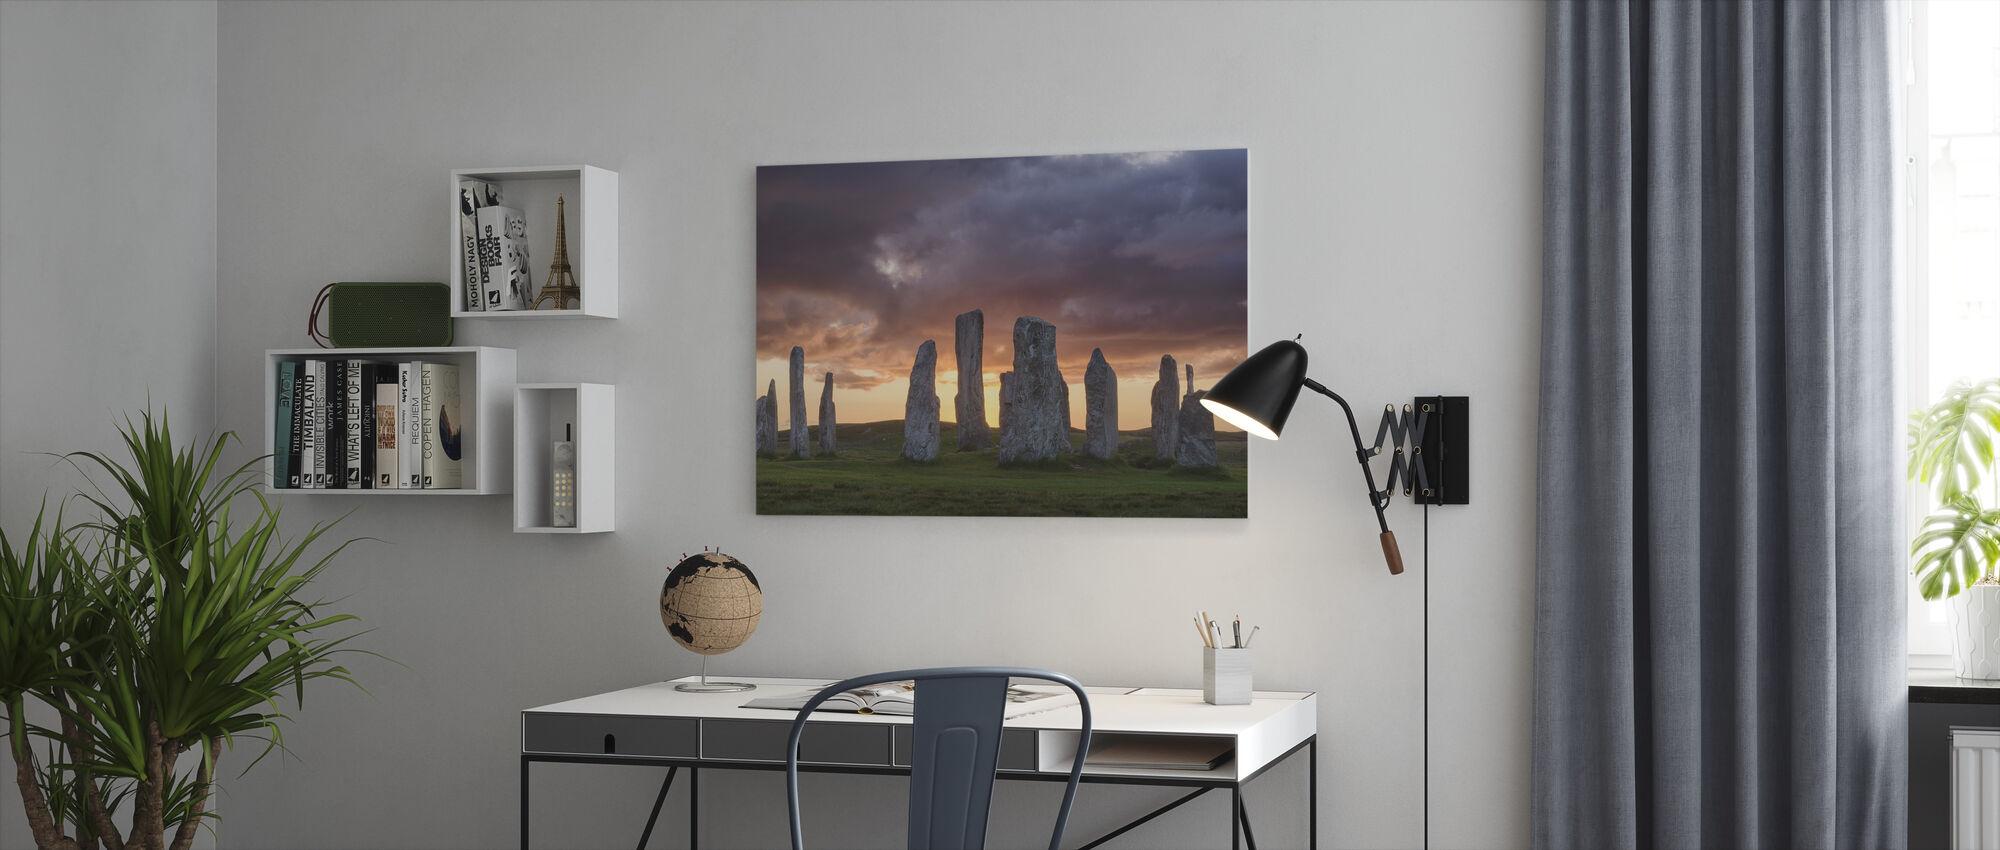 Callanischer Sonnenuntergang - Leinwandbild - Büro